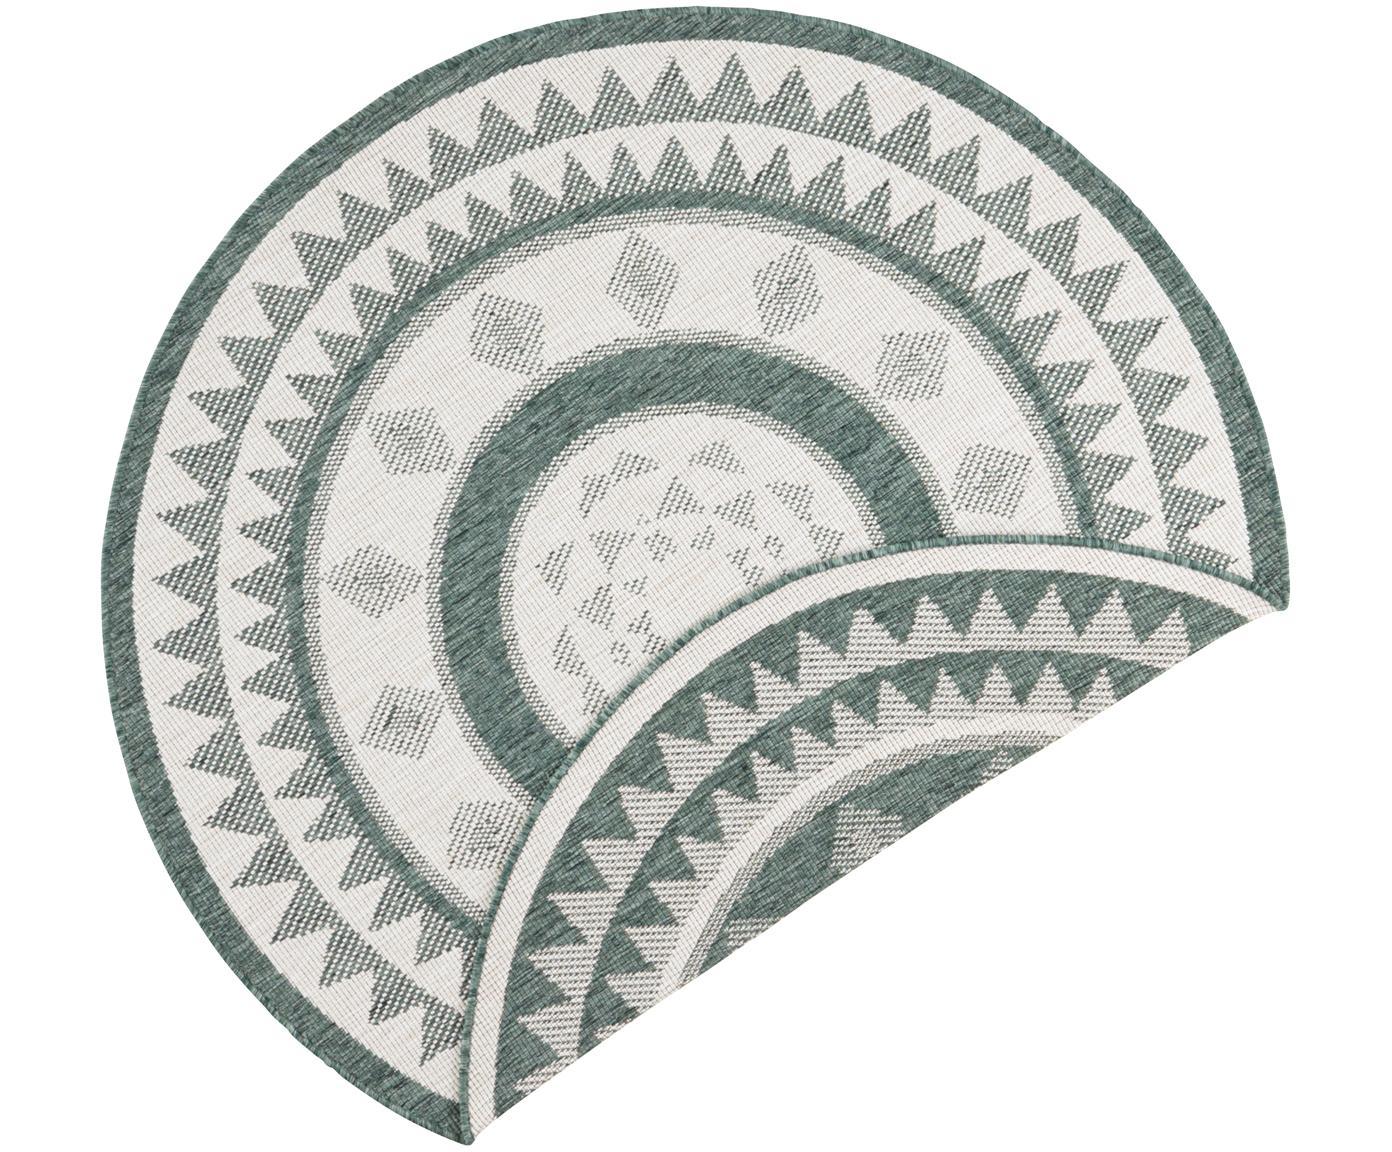 Rond dubbelzijdig in- & outdoor vloerkleed Jamaica, Groen, crèmekleurig, Ø 140 cm (maat M)